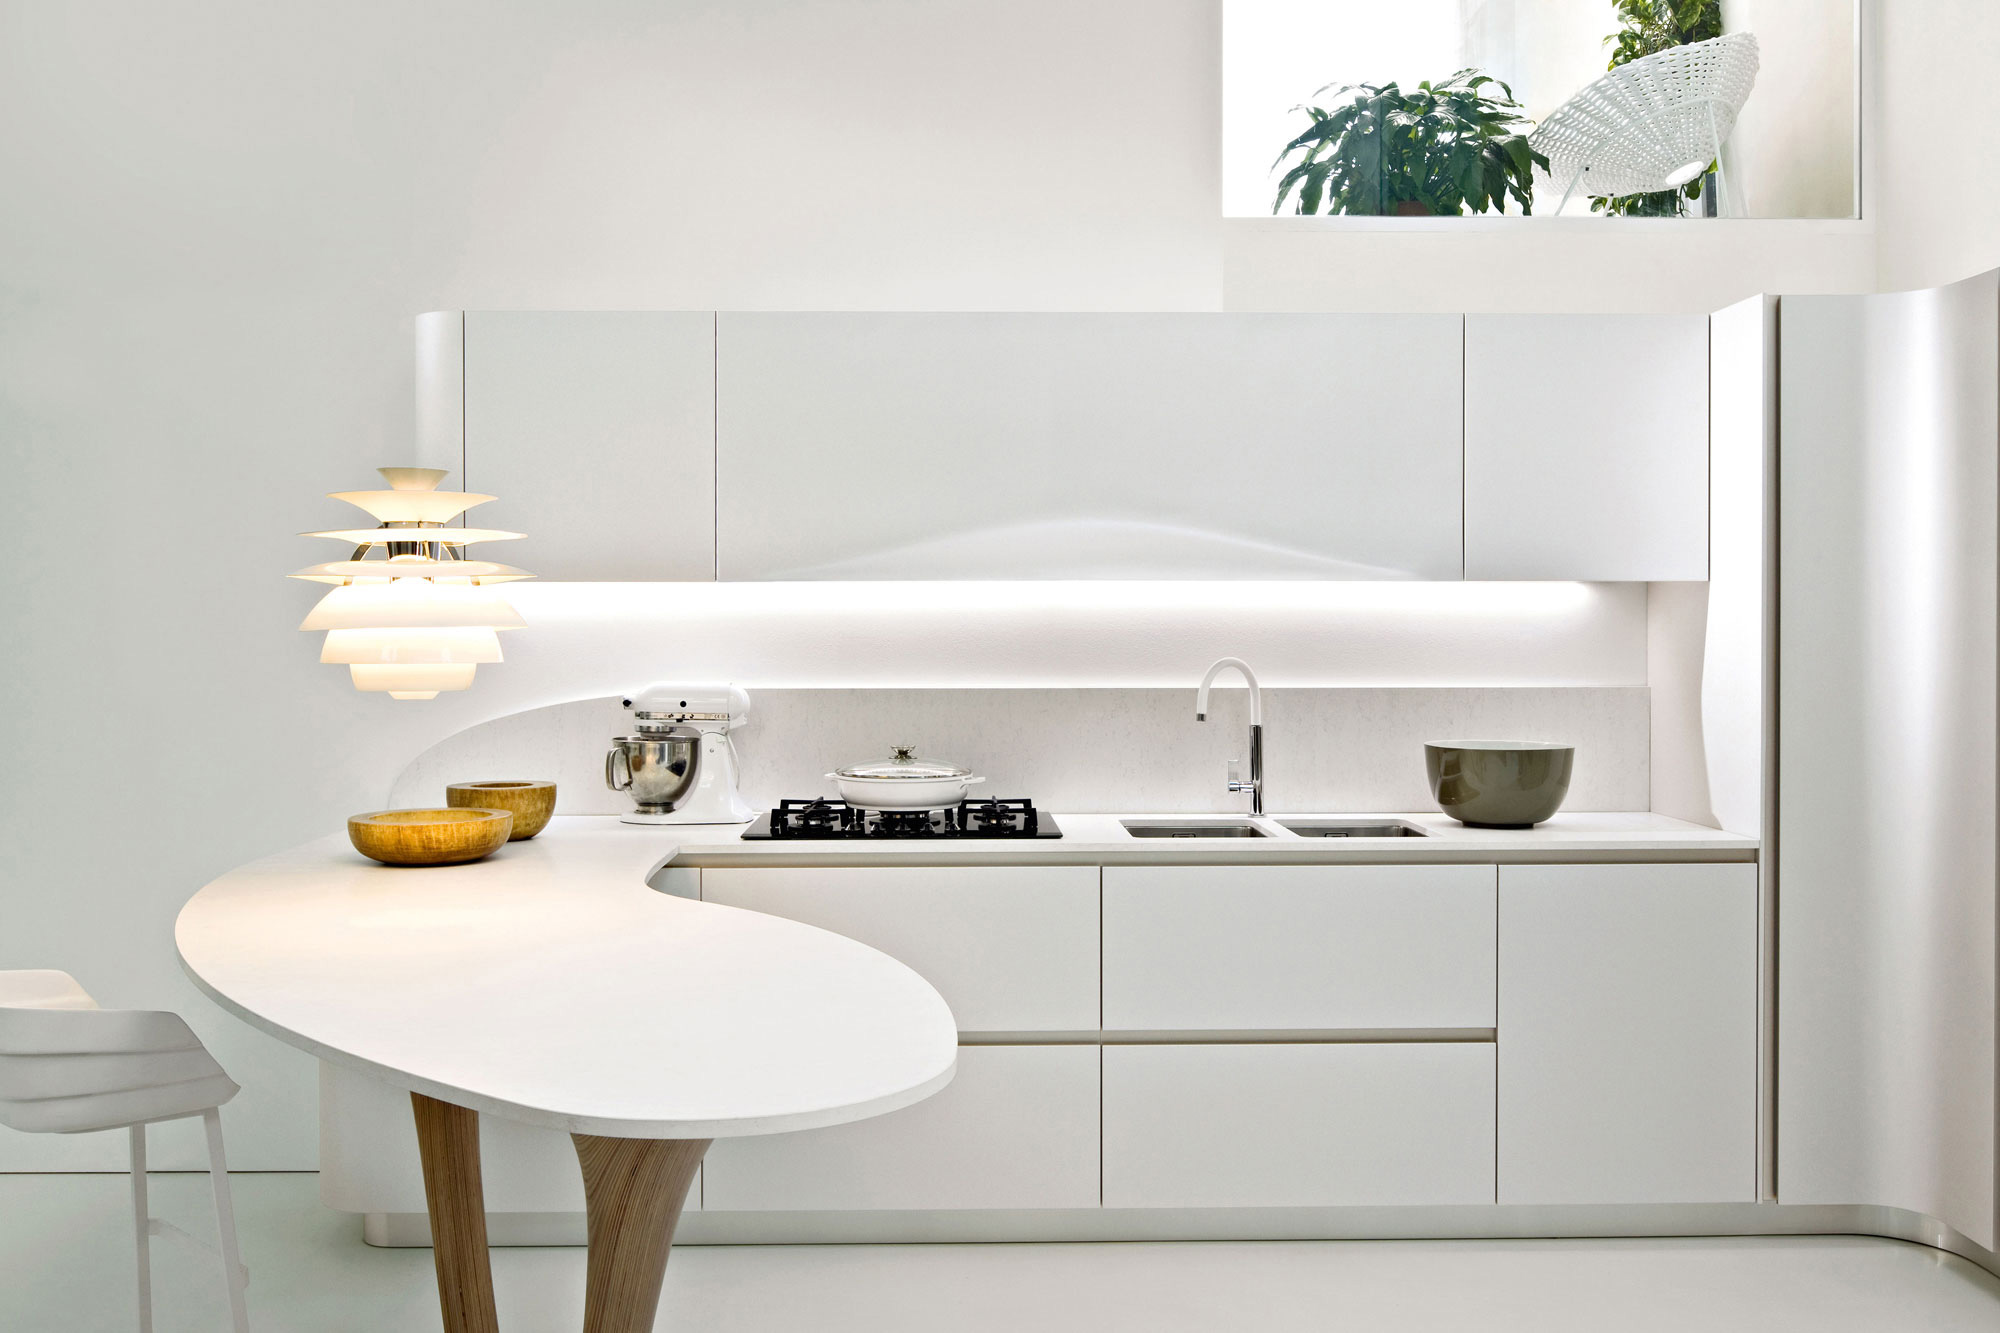 Cucine Snaidero: lo stile Pininfarina e Iosa Ghini   Ville&Casali